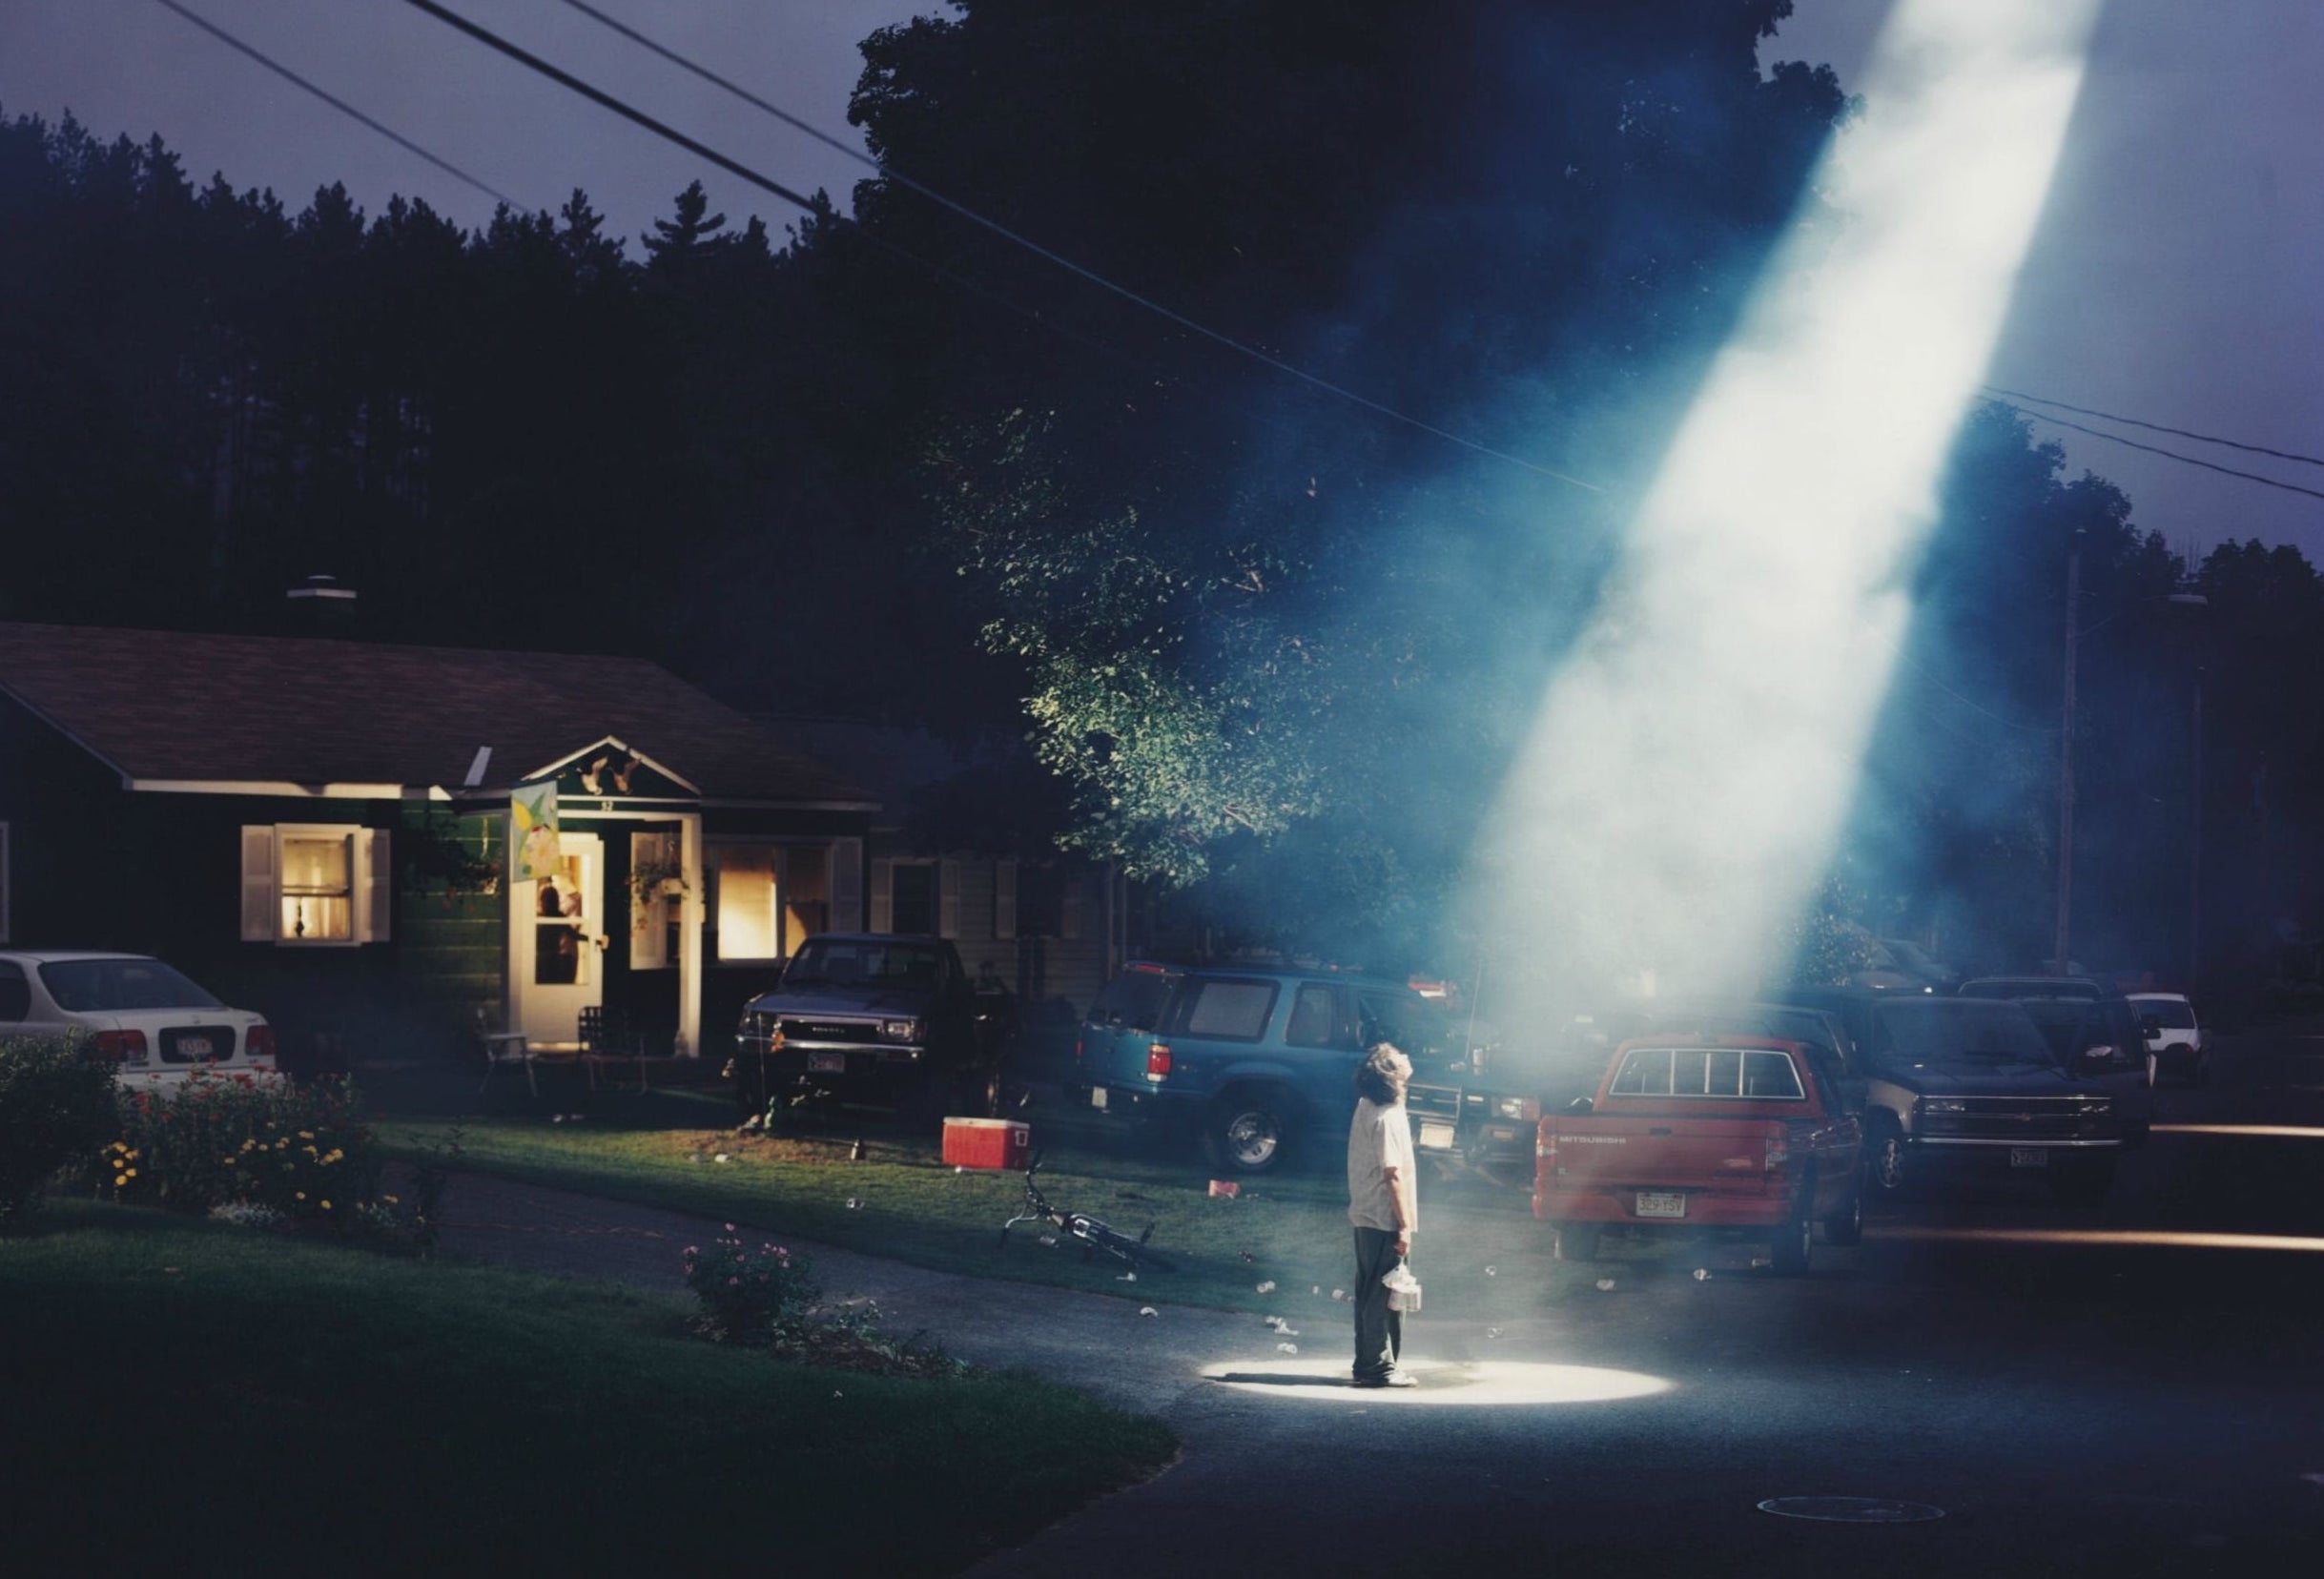 Hopperiana: una mostra raccoglie quattro fotografi ispirati dall'opera di Edward Hopper